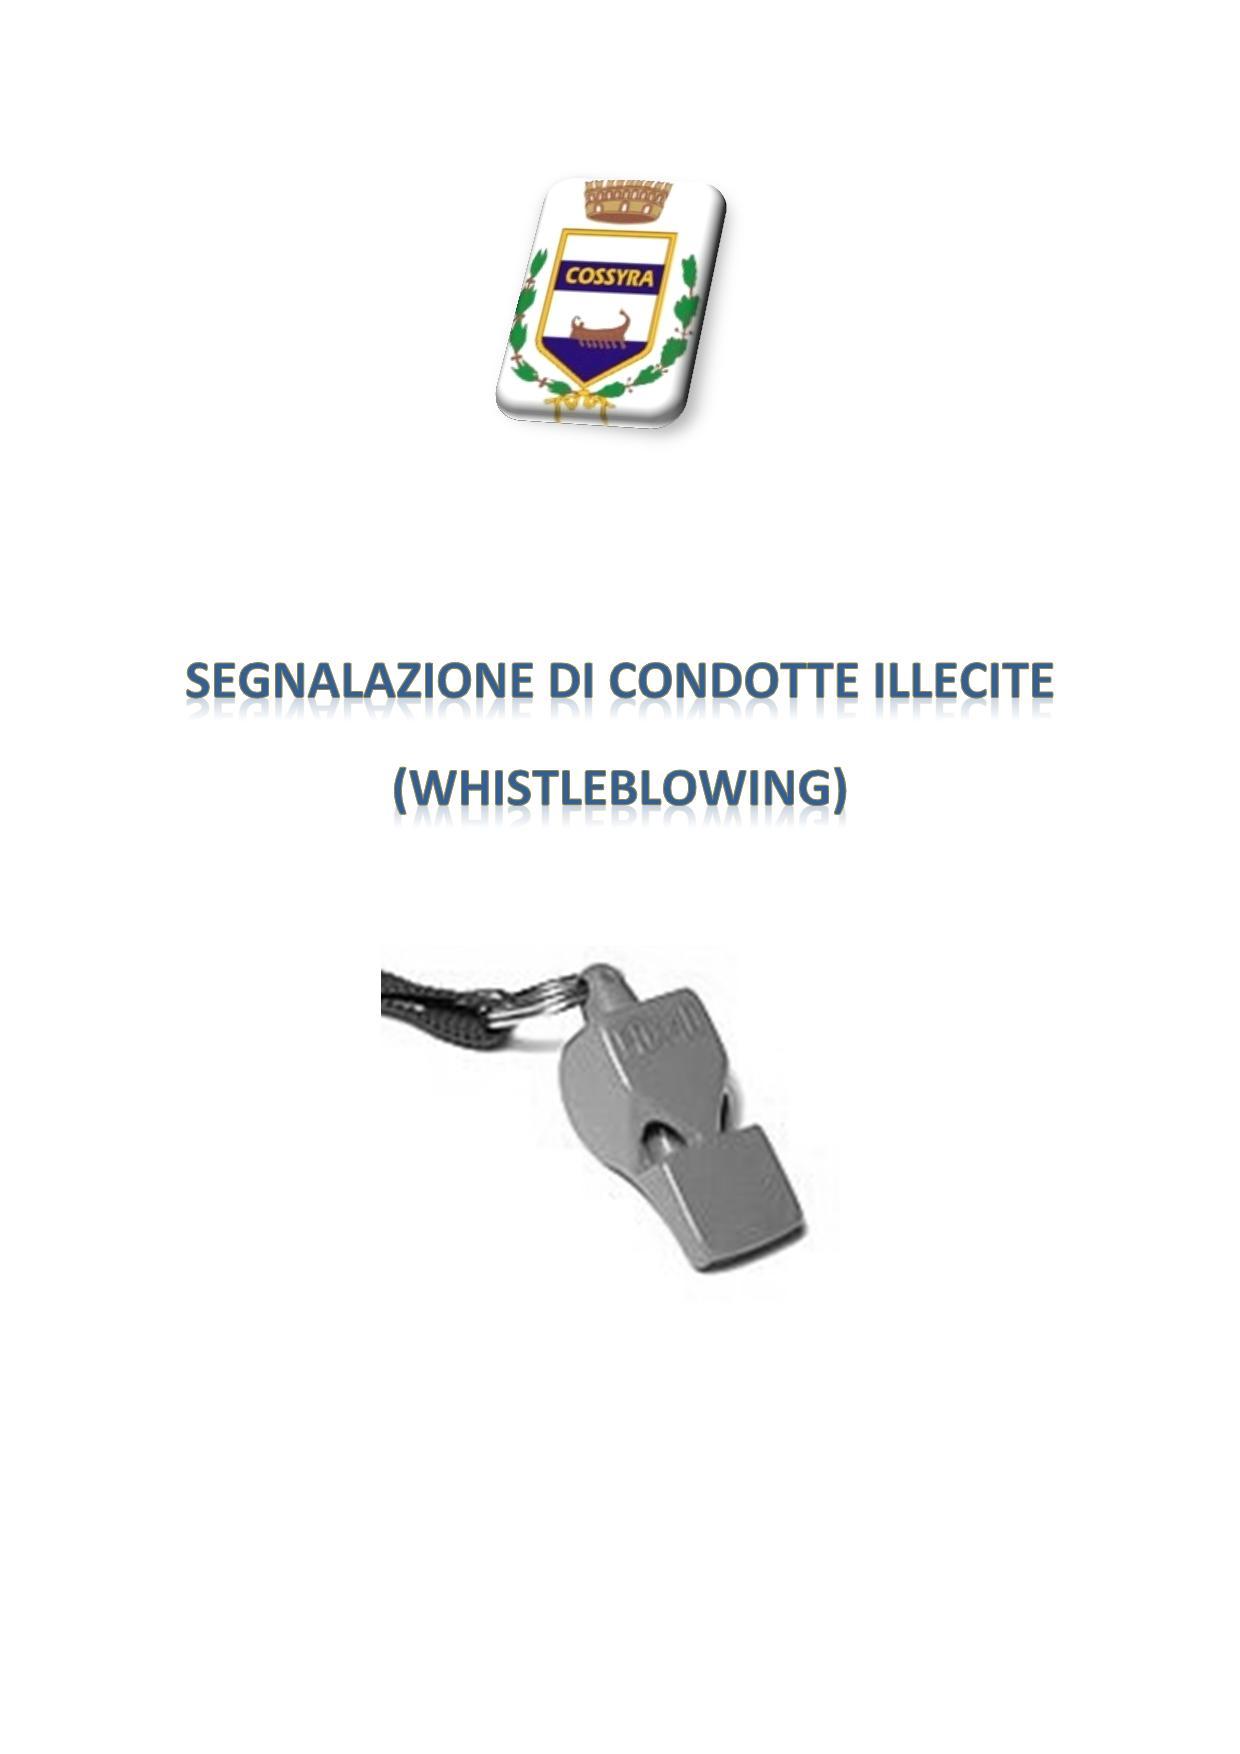 Segnalazione di condotte illecite (Whistleblowing)